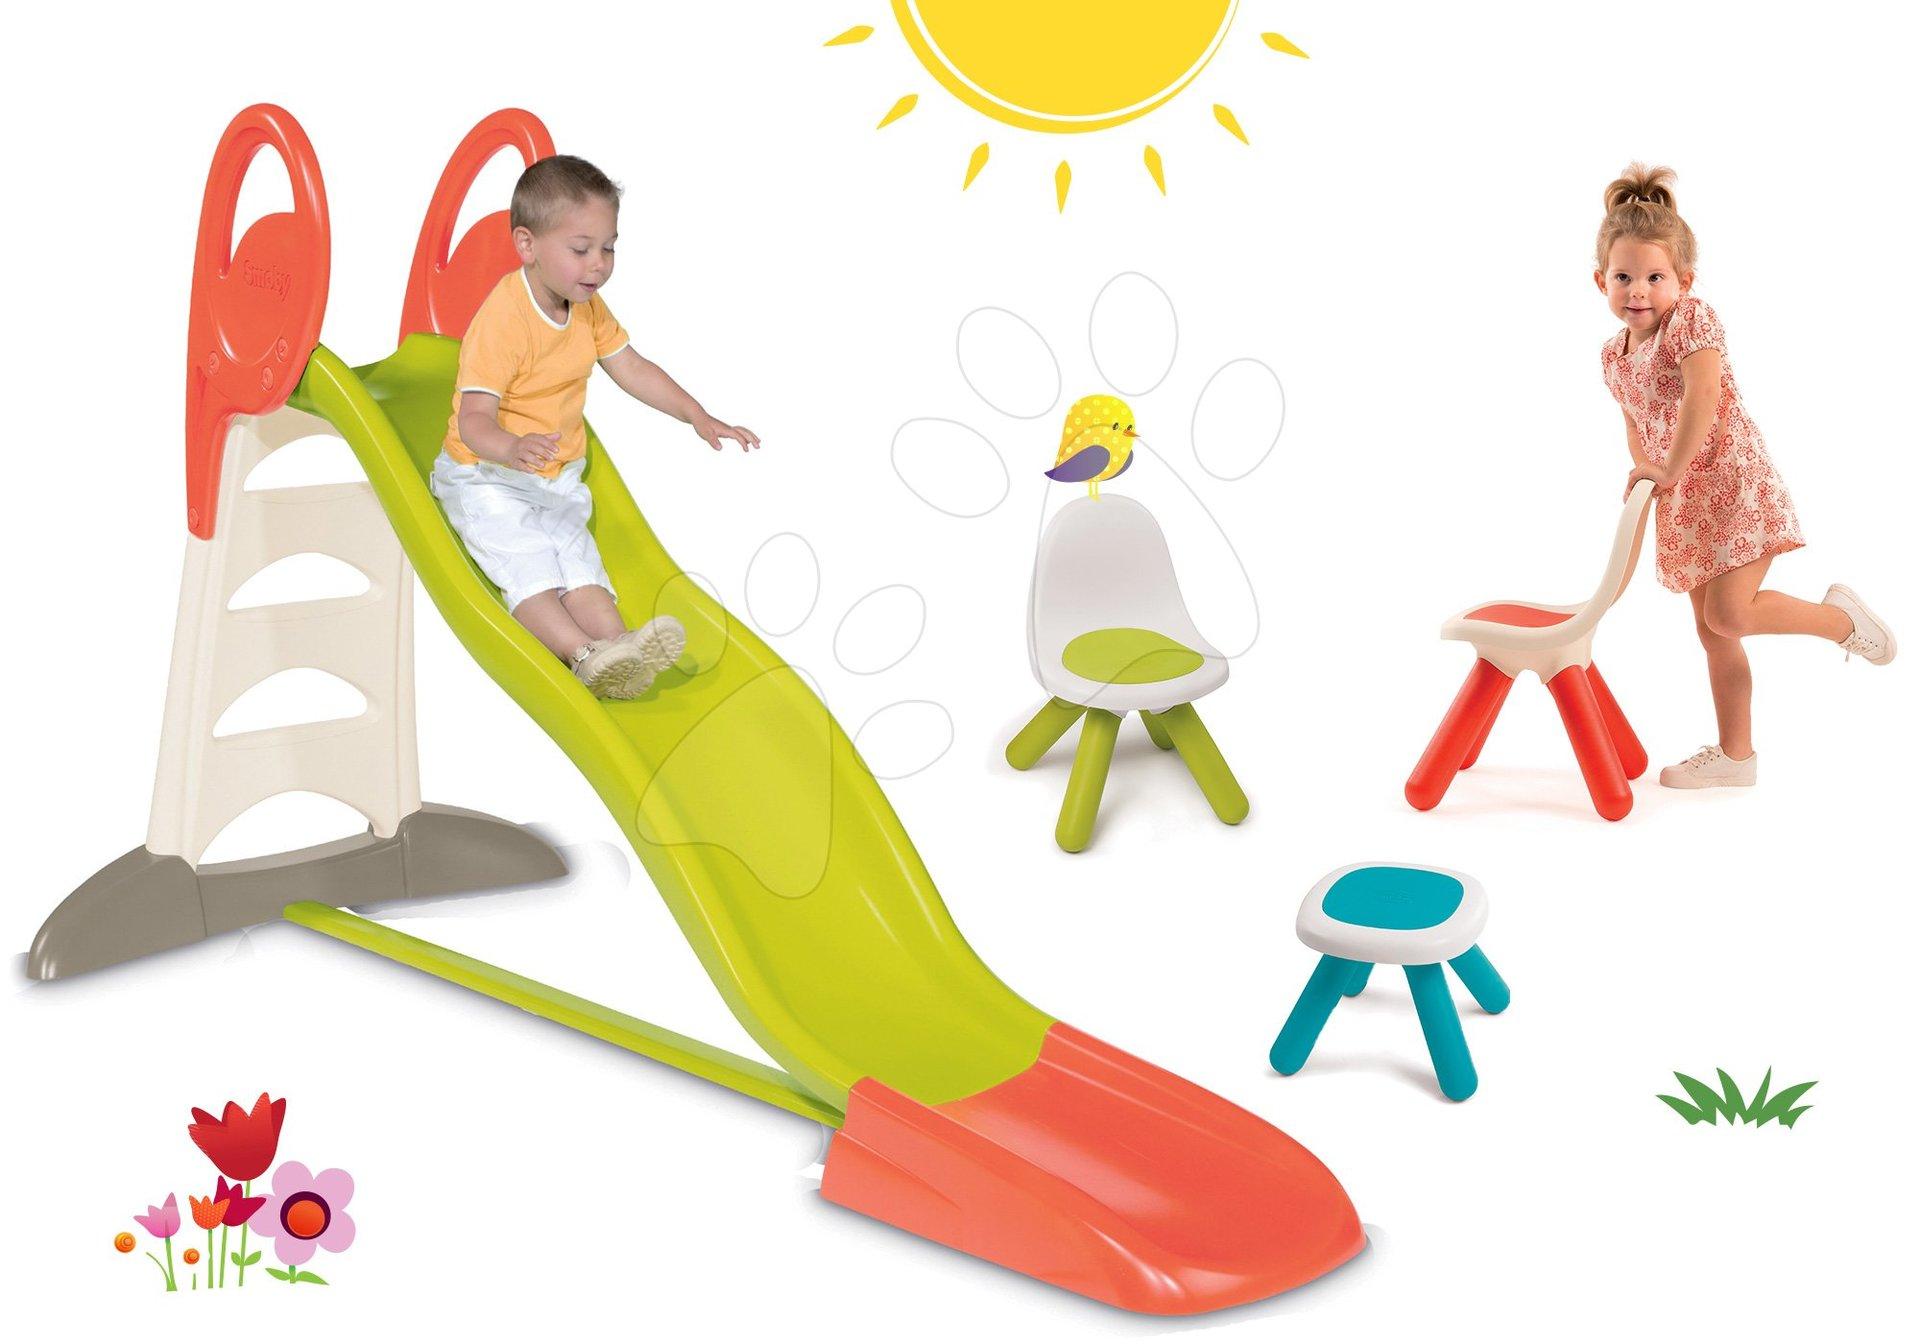 Smoby set šmykľavka pre deti Toboggan XL a piknikový stôl so stoličkami KidChair 310261-2